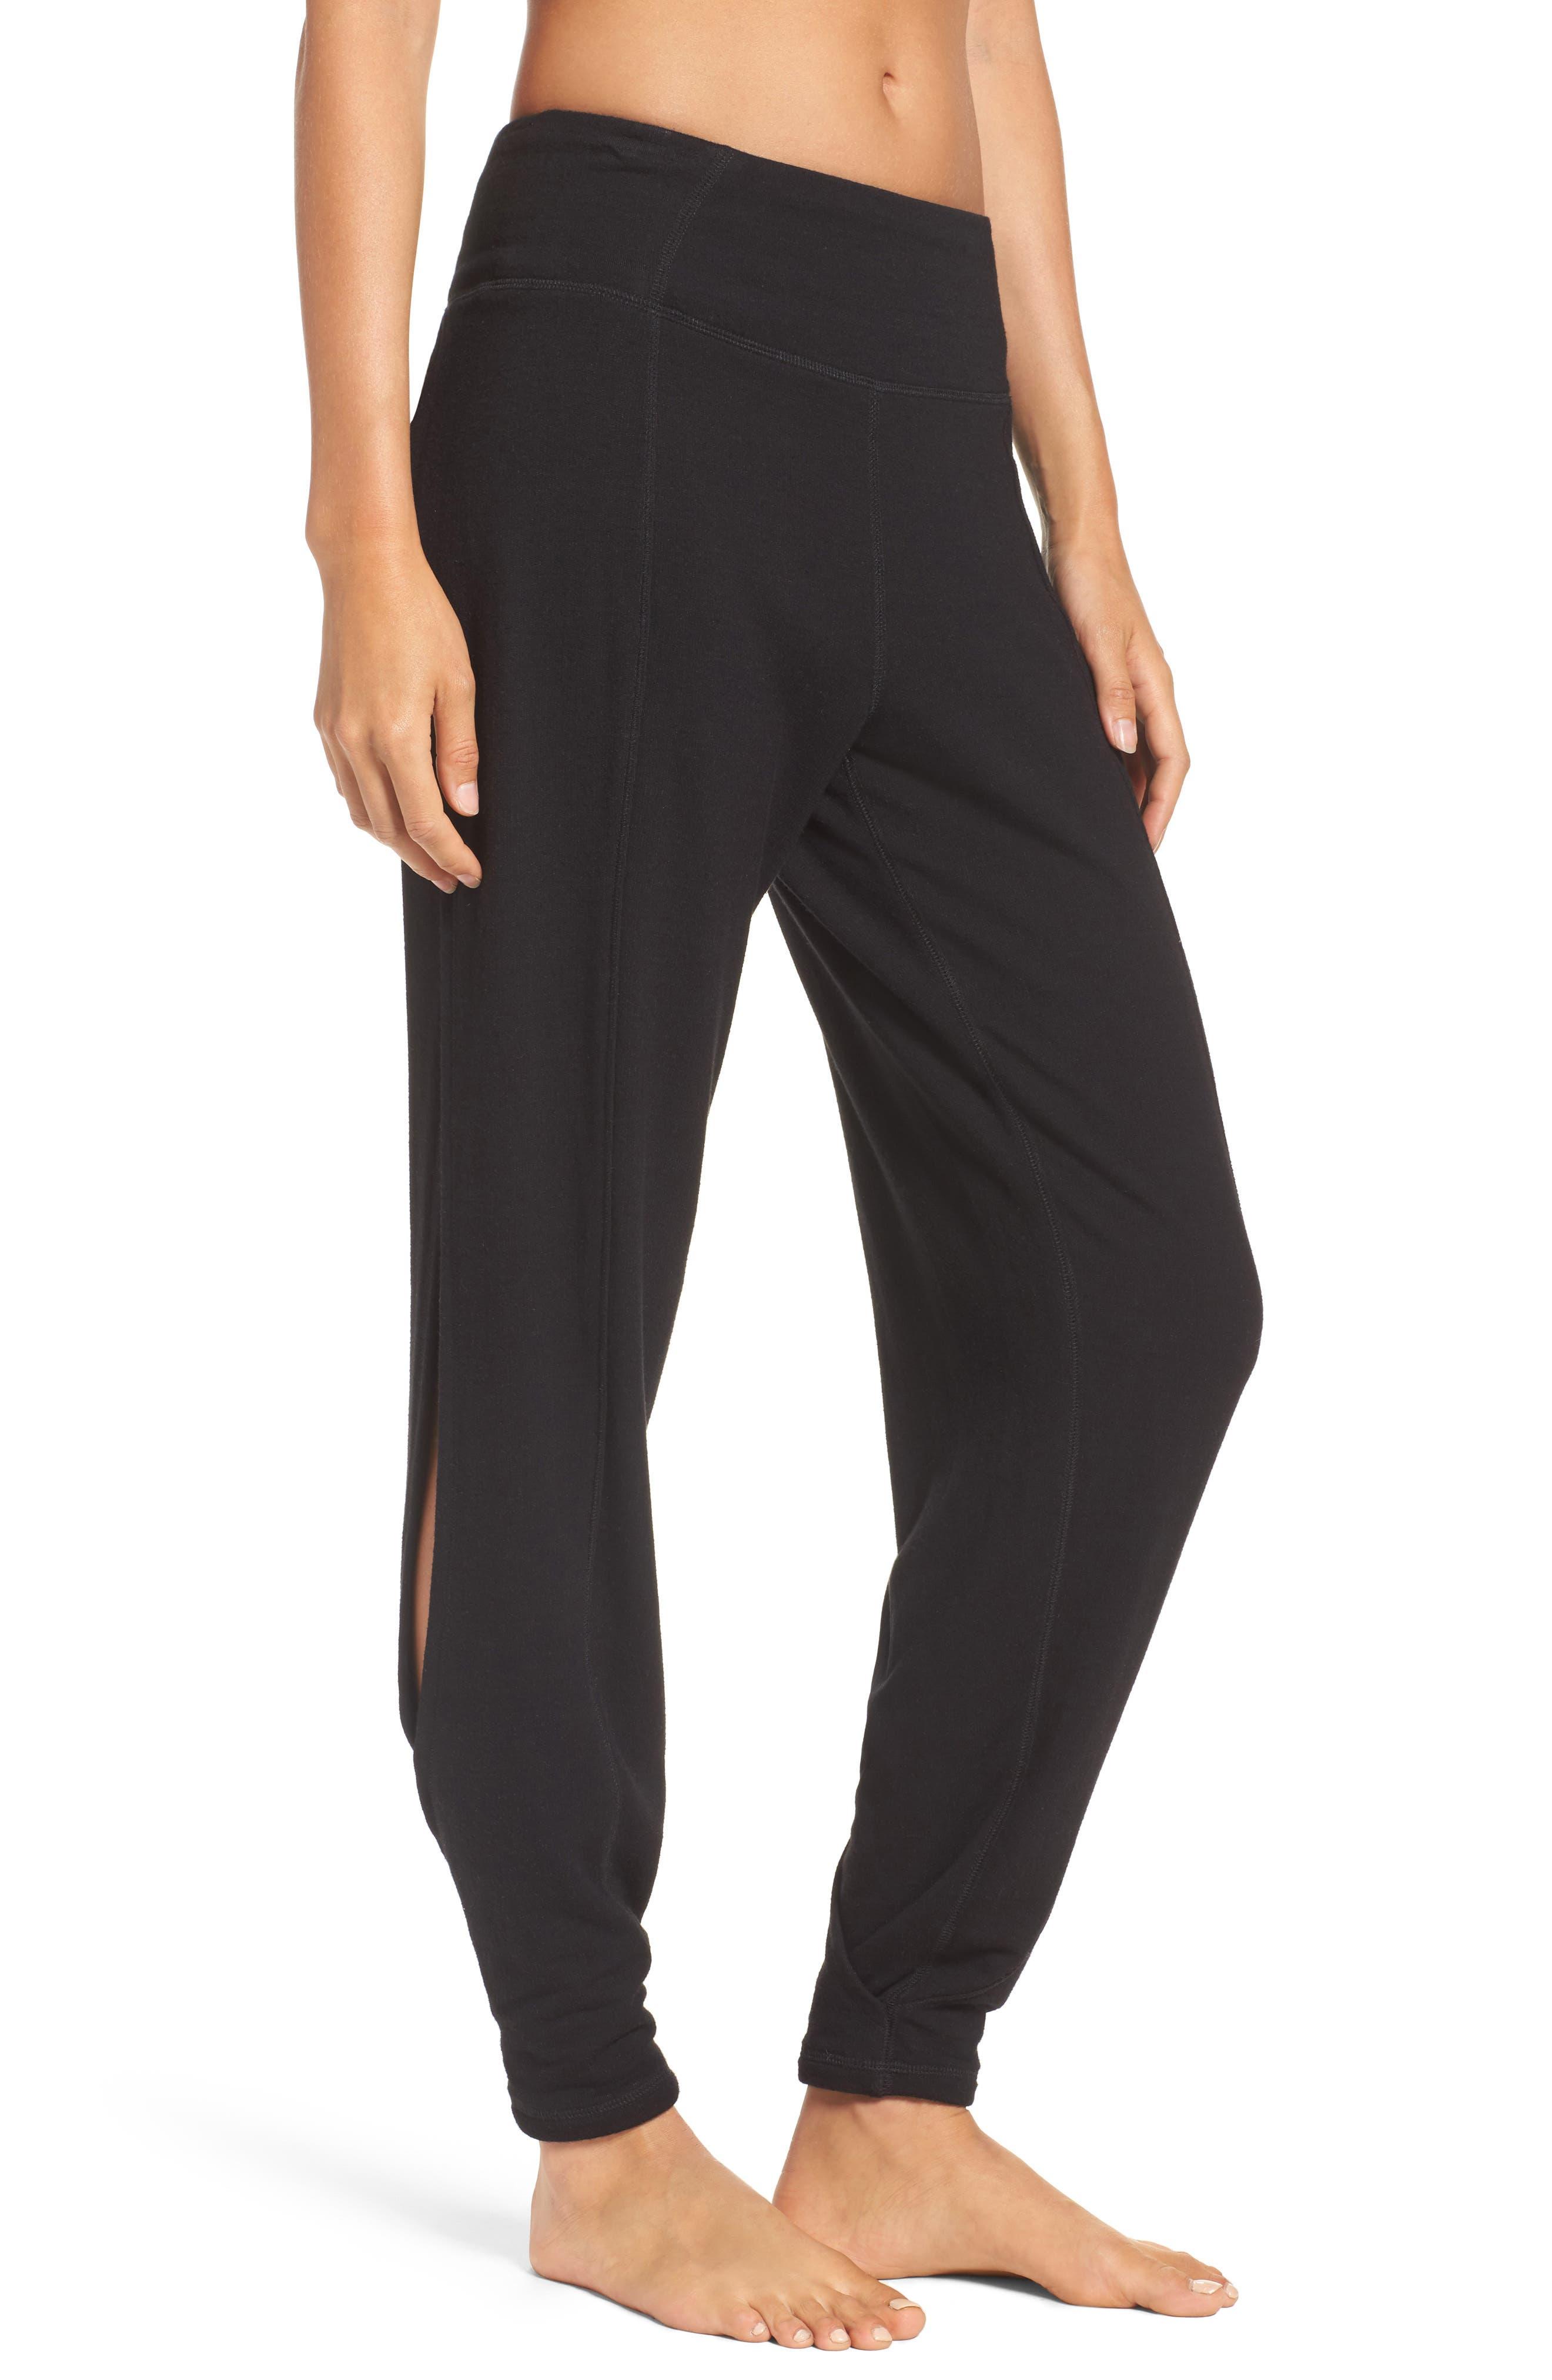 FP Movement Agile Pants,                         Main,                         color, 001